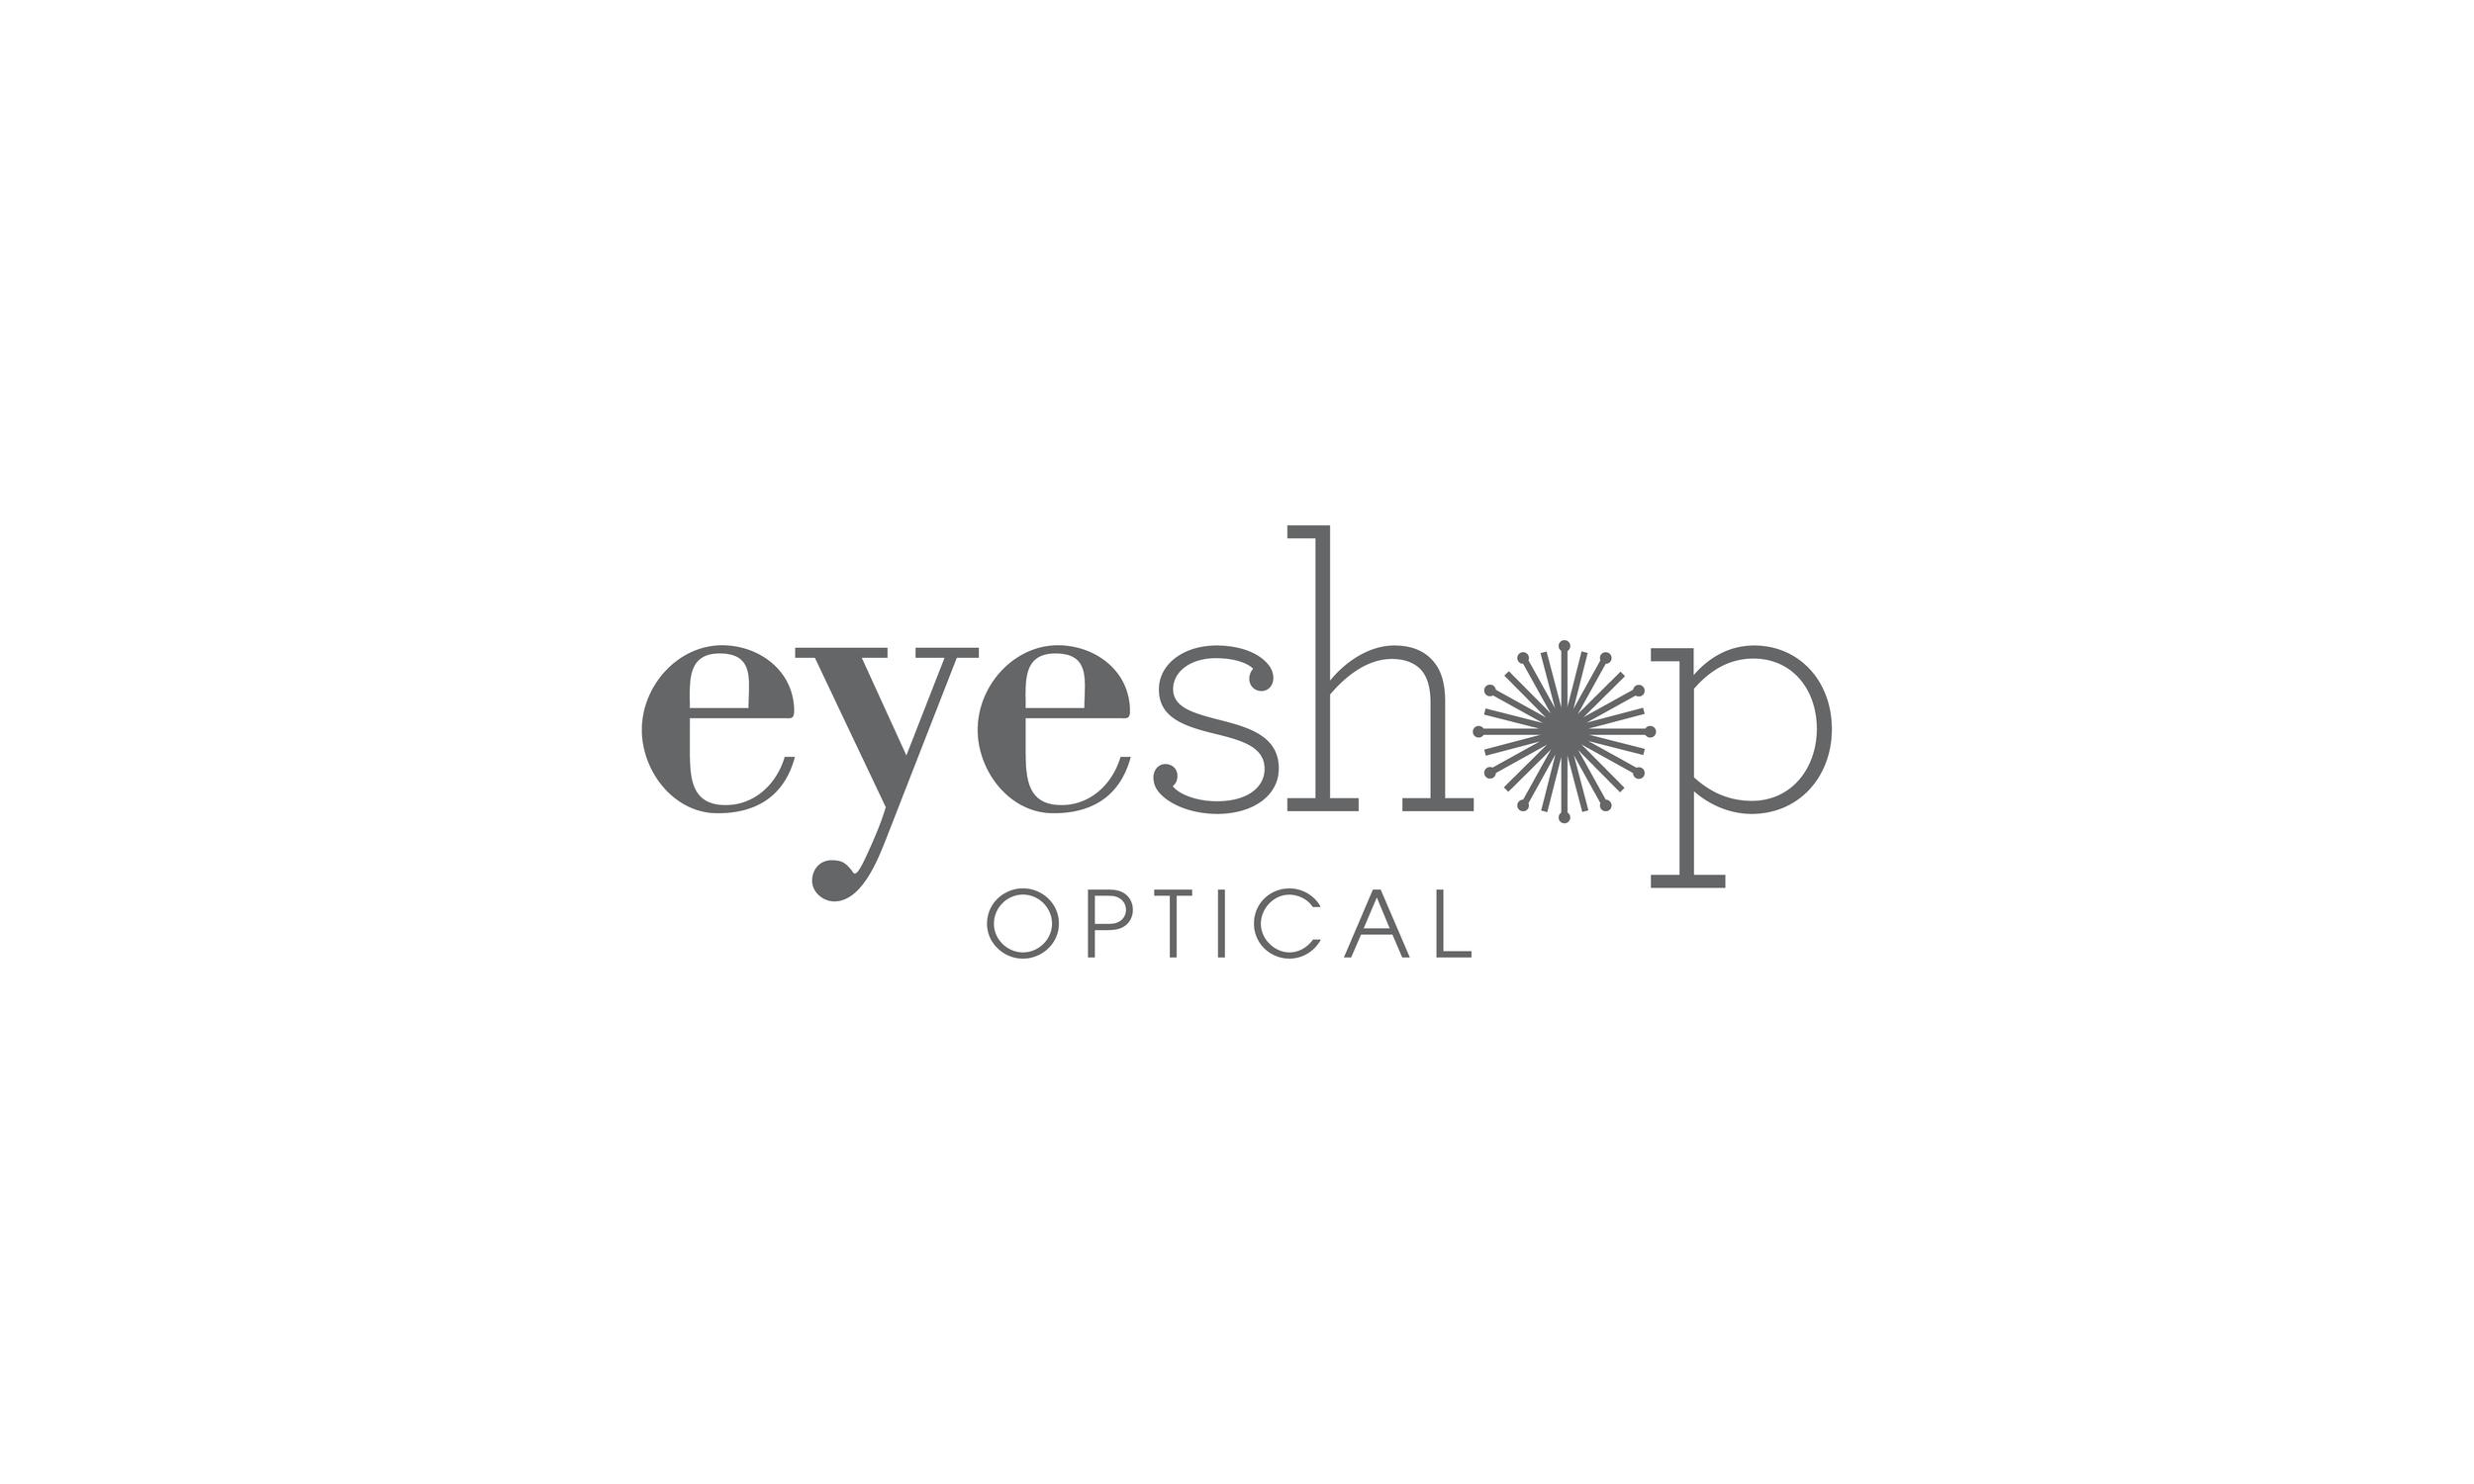 eyeshop-optical-logo.png